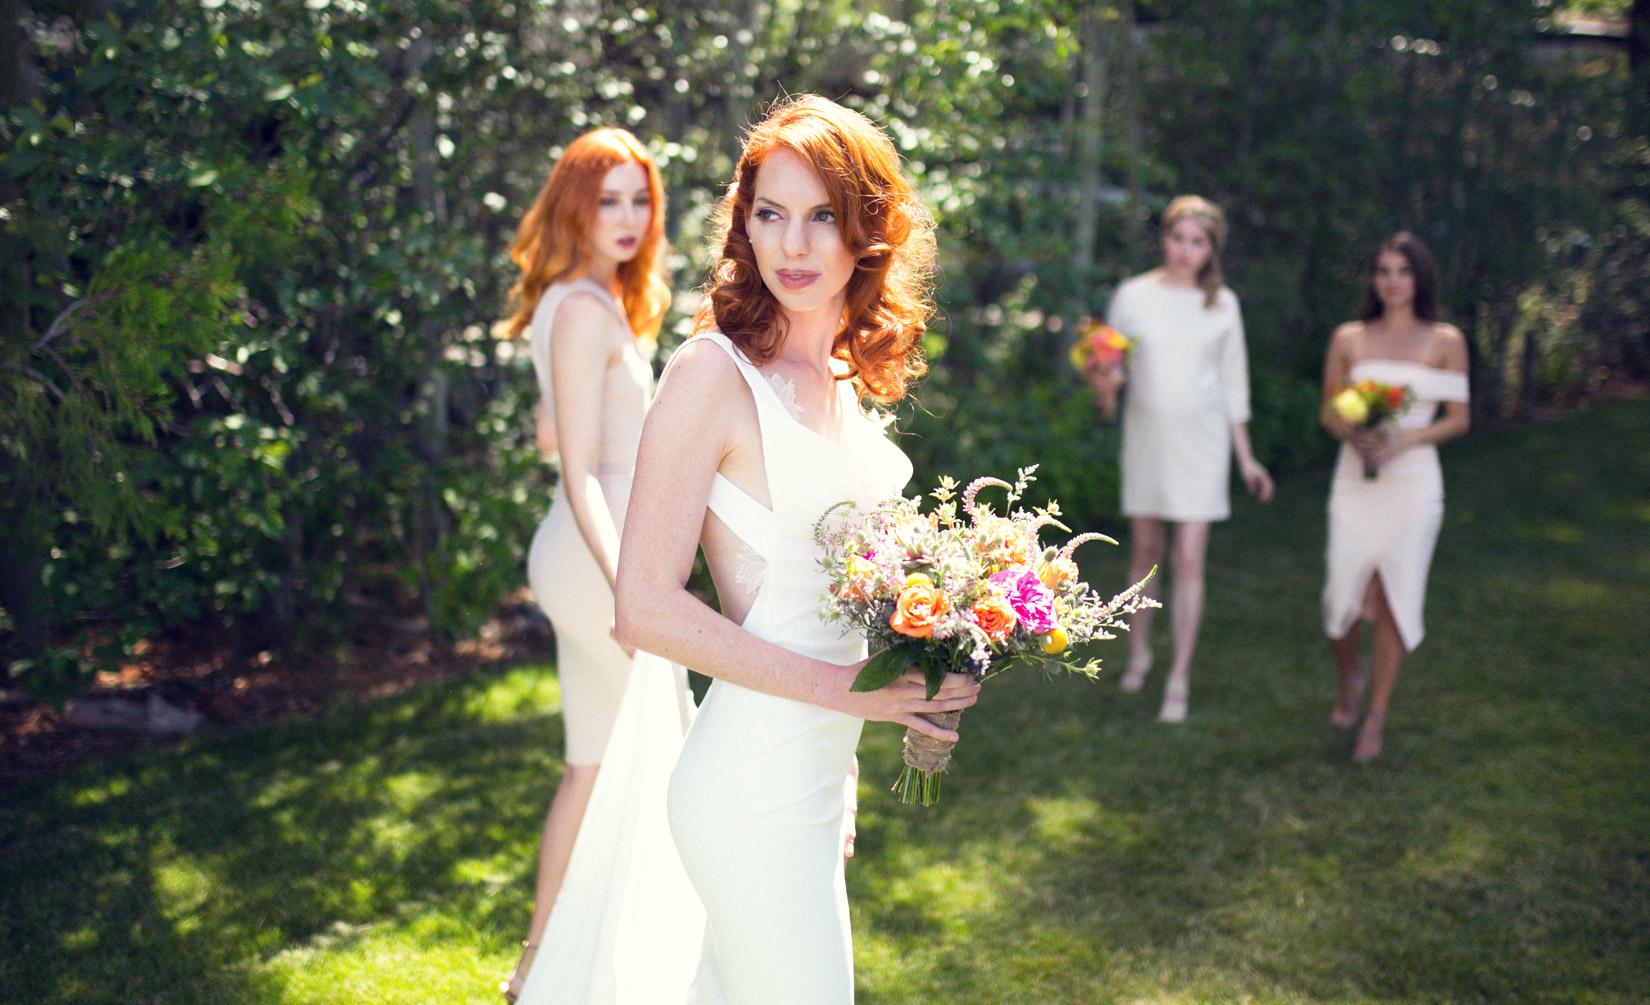 Tahoe-bride-and-bridesmaids-